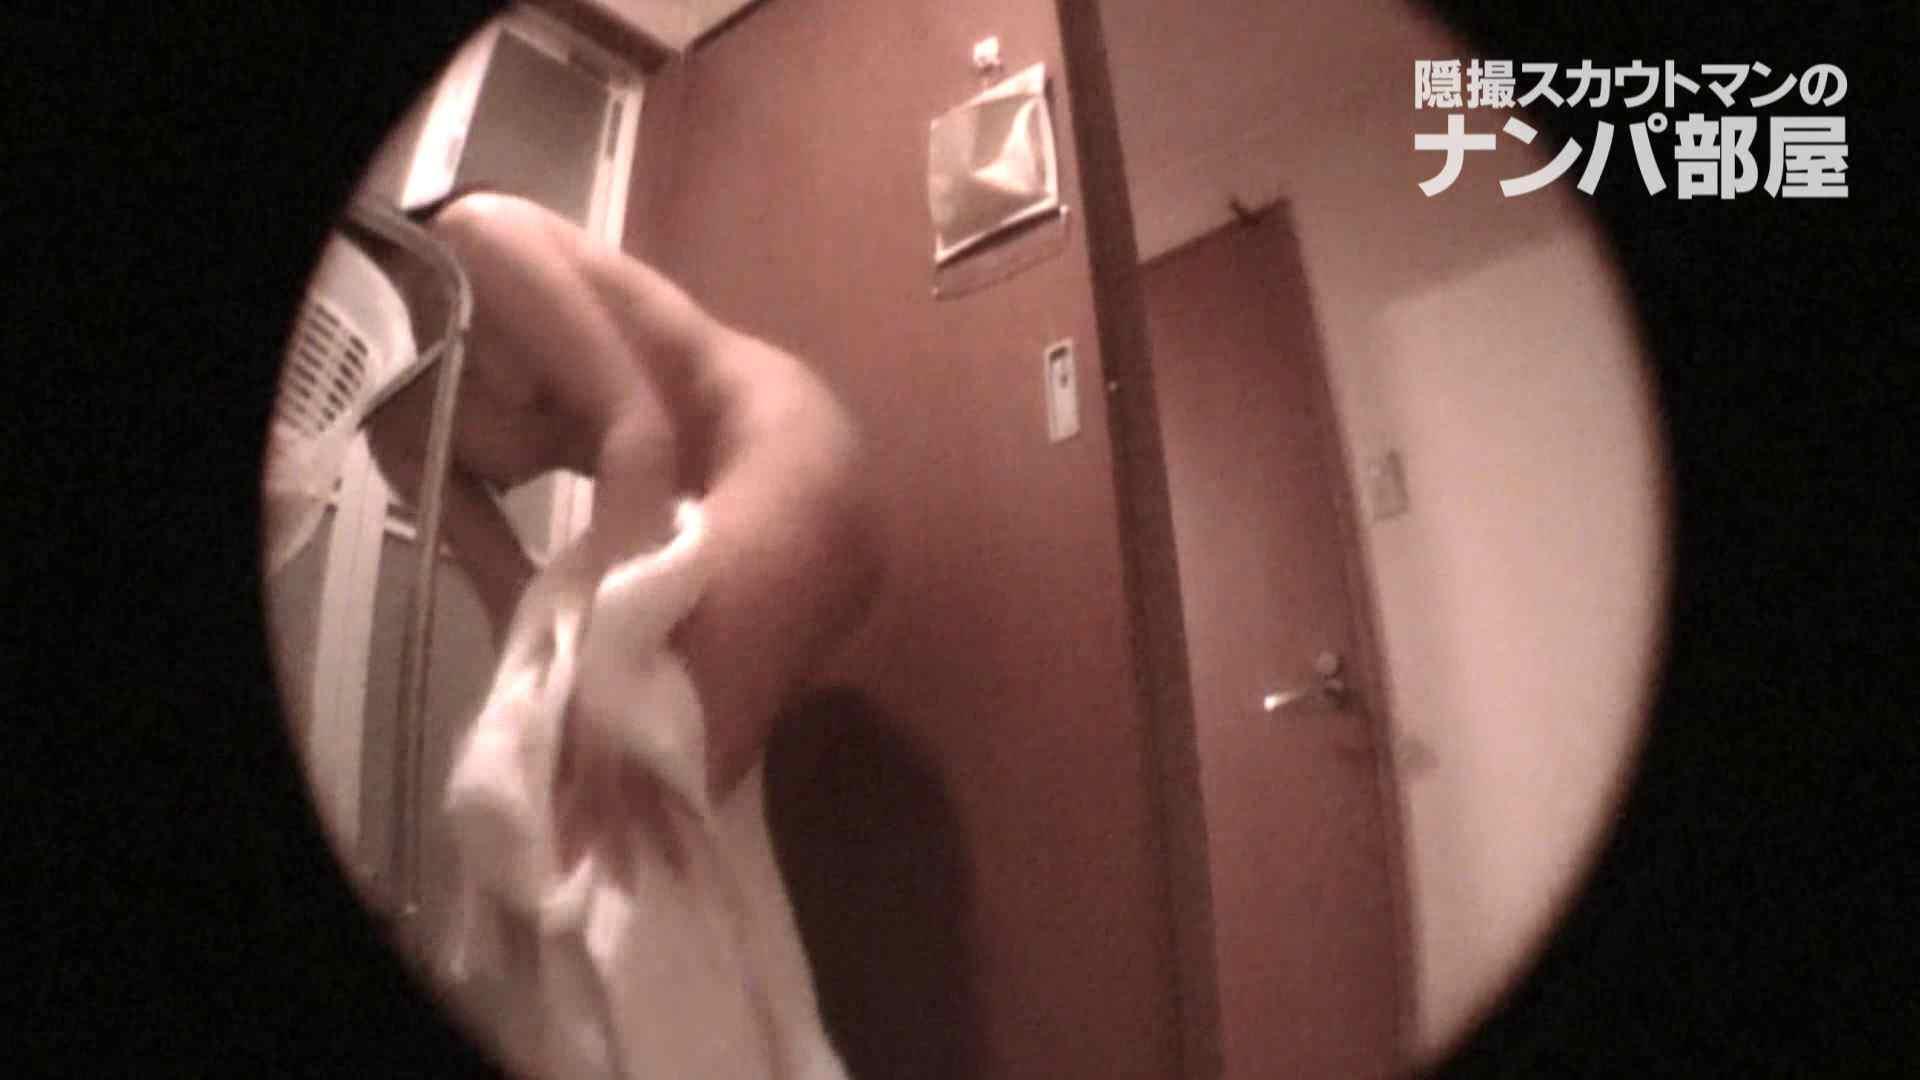 kana 脱衣所 | フェラ動画  112画像 81